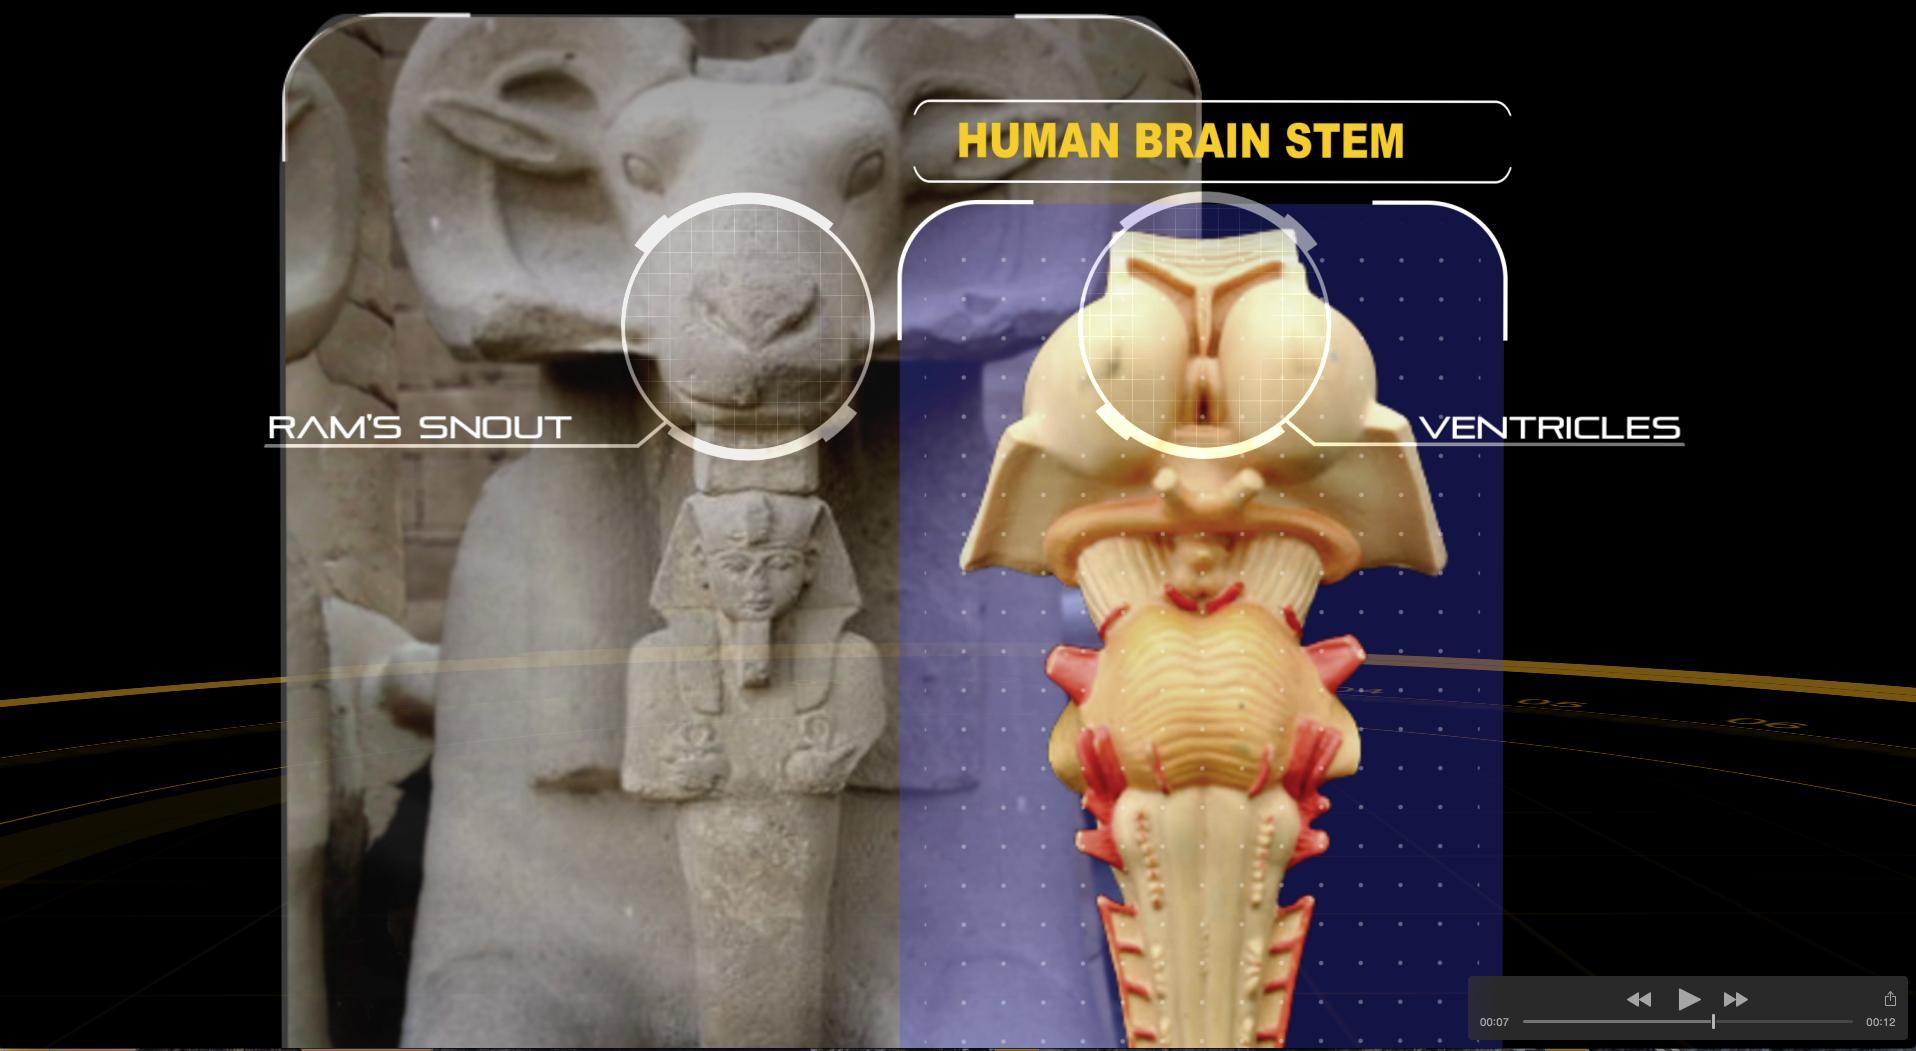 snout ram comparison.jpg